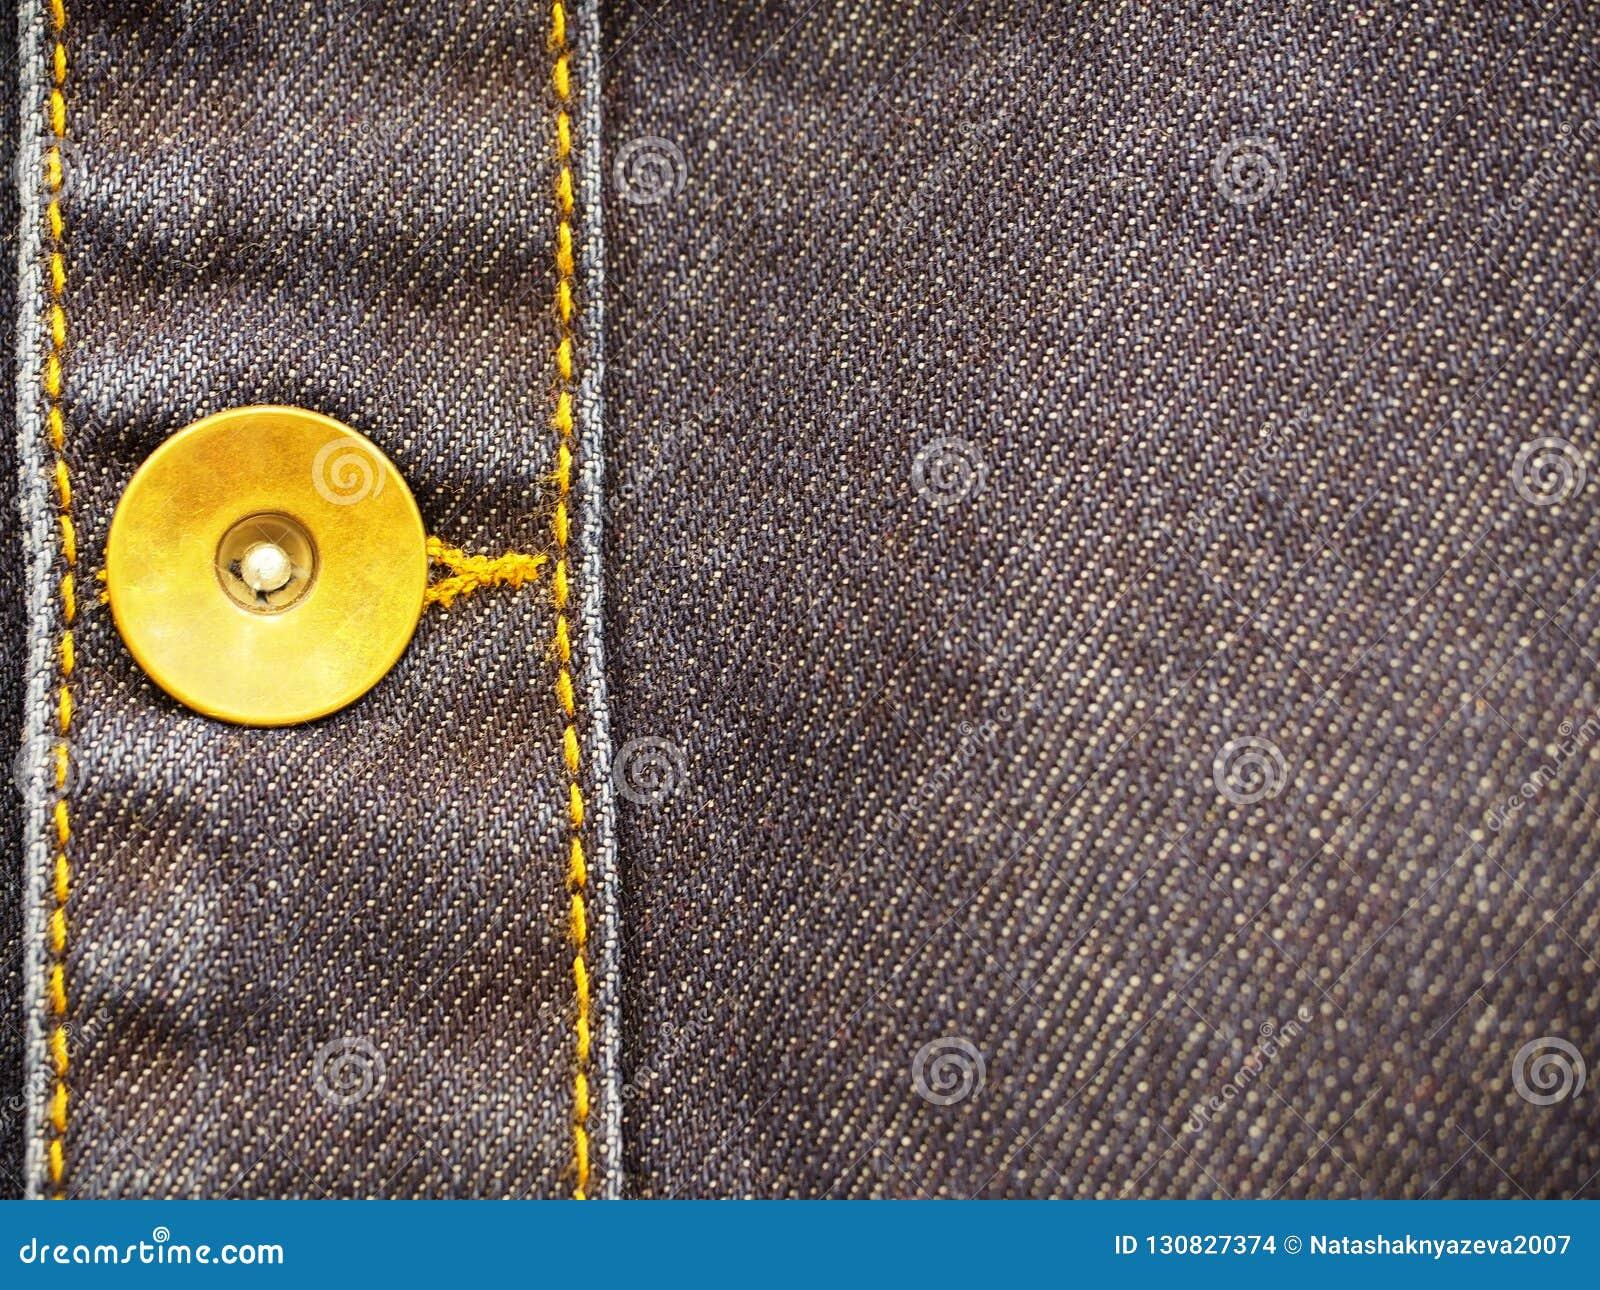 Denimeinzelteil mit Knopfnahaufnahme, als Hintergrund